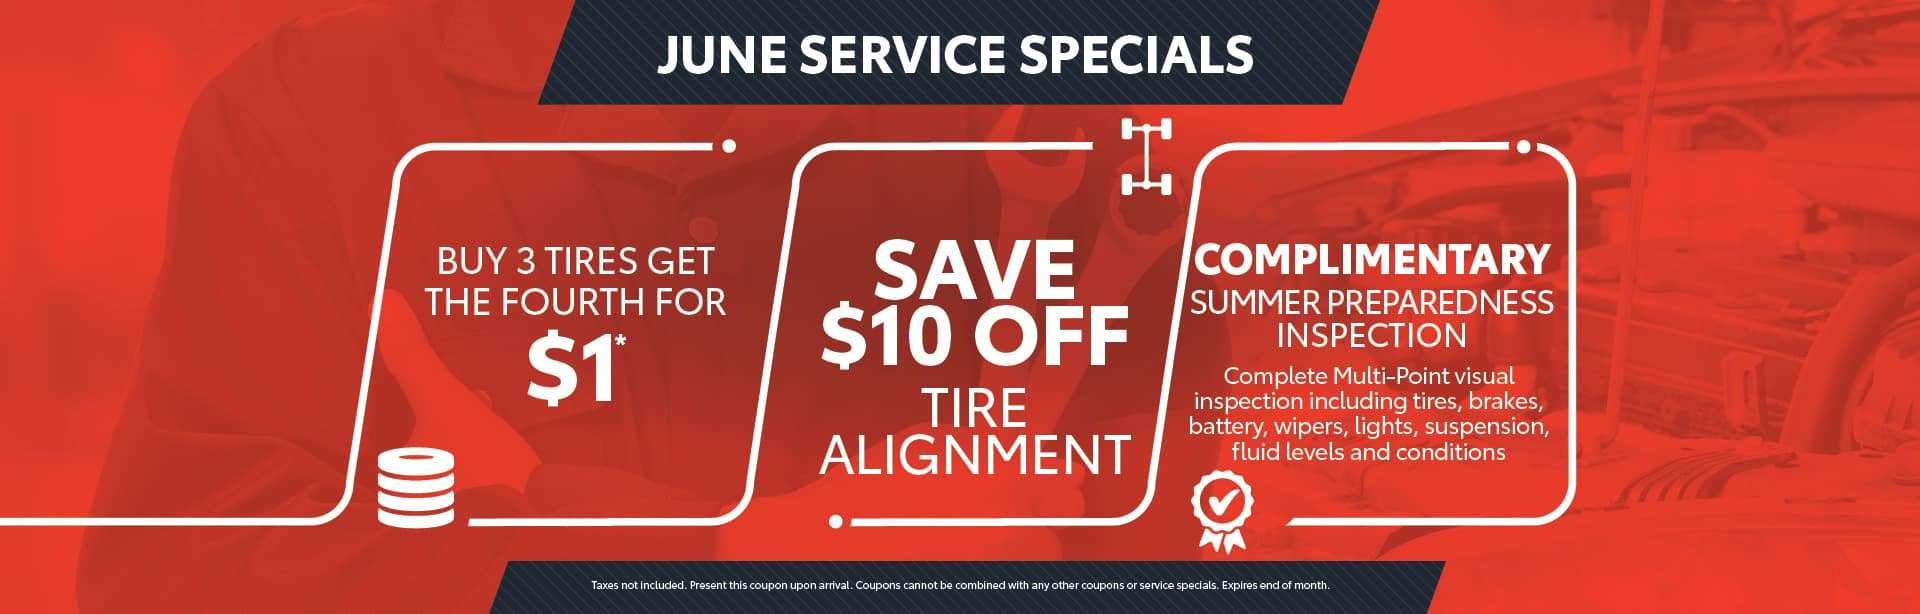 June - service specials